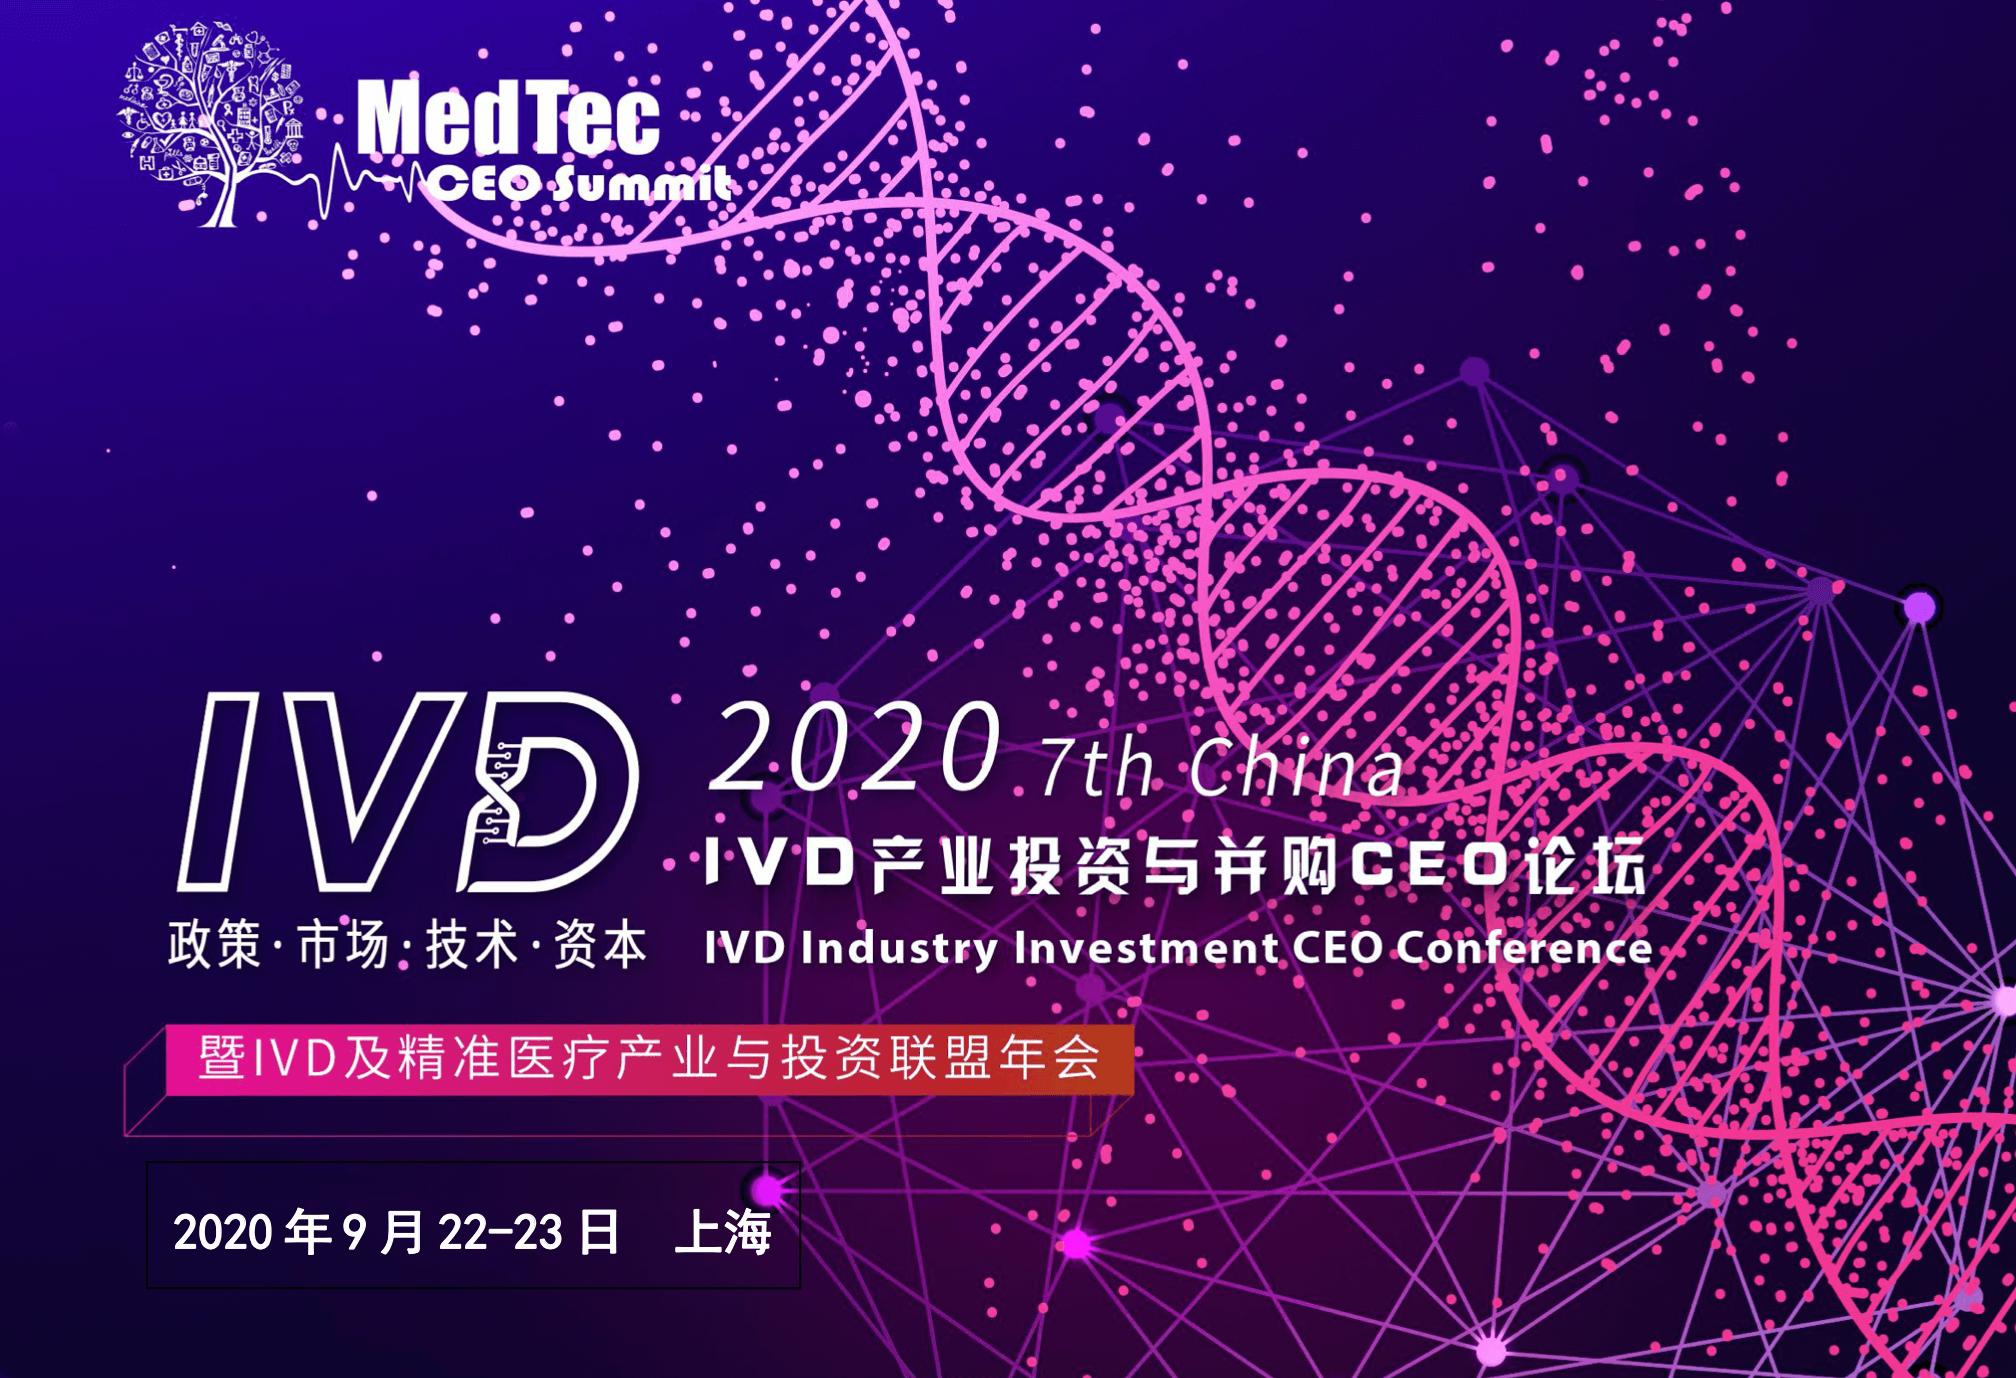 第七届中国IVD产业投资与并购CEO论坛暨IVD及精准医疗产业联盟年会